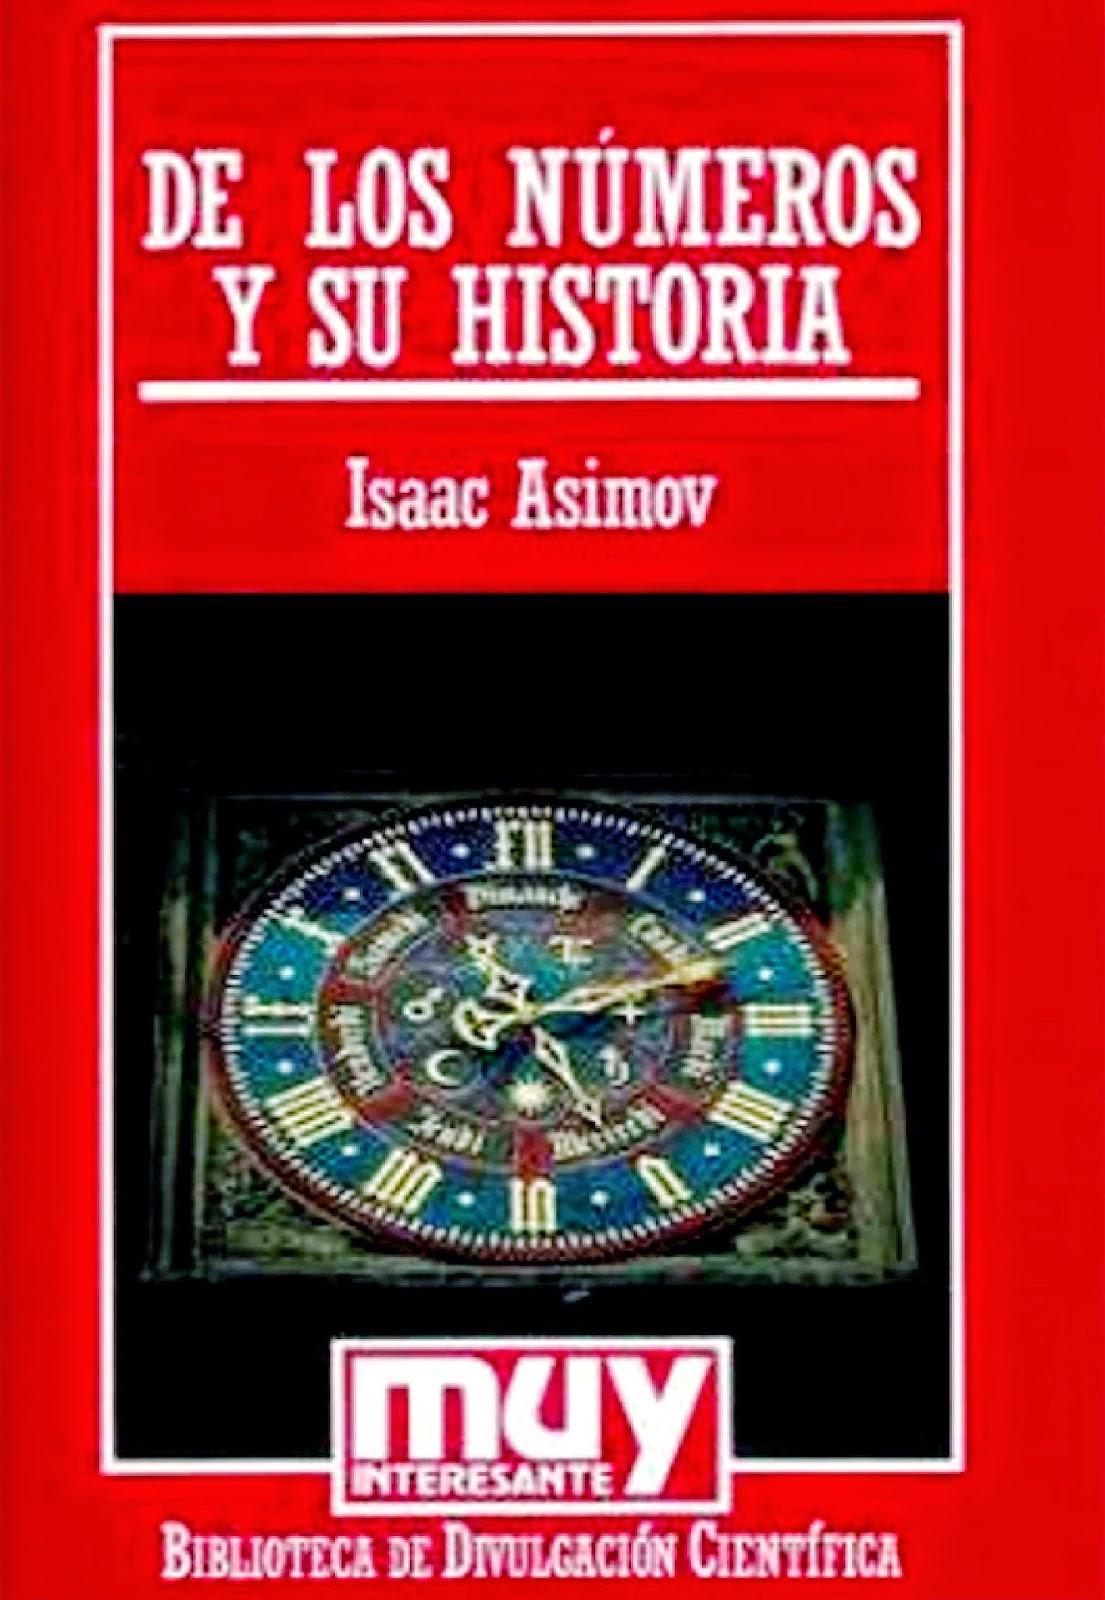 De los números y su historia – Isaac Asimov